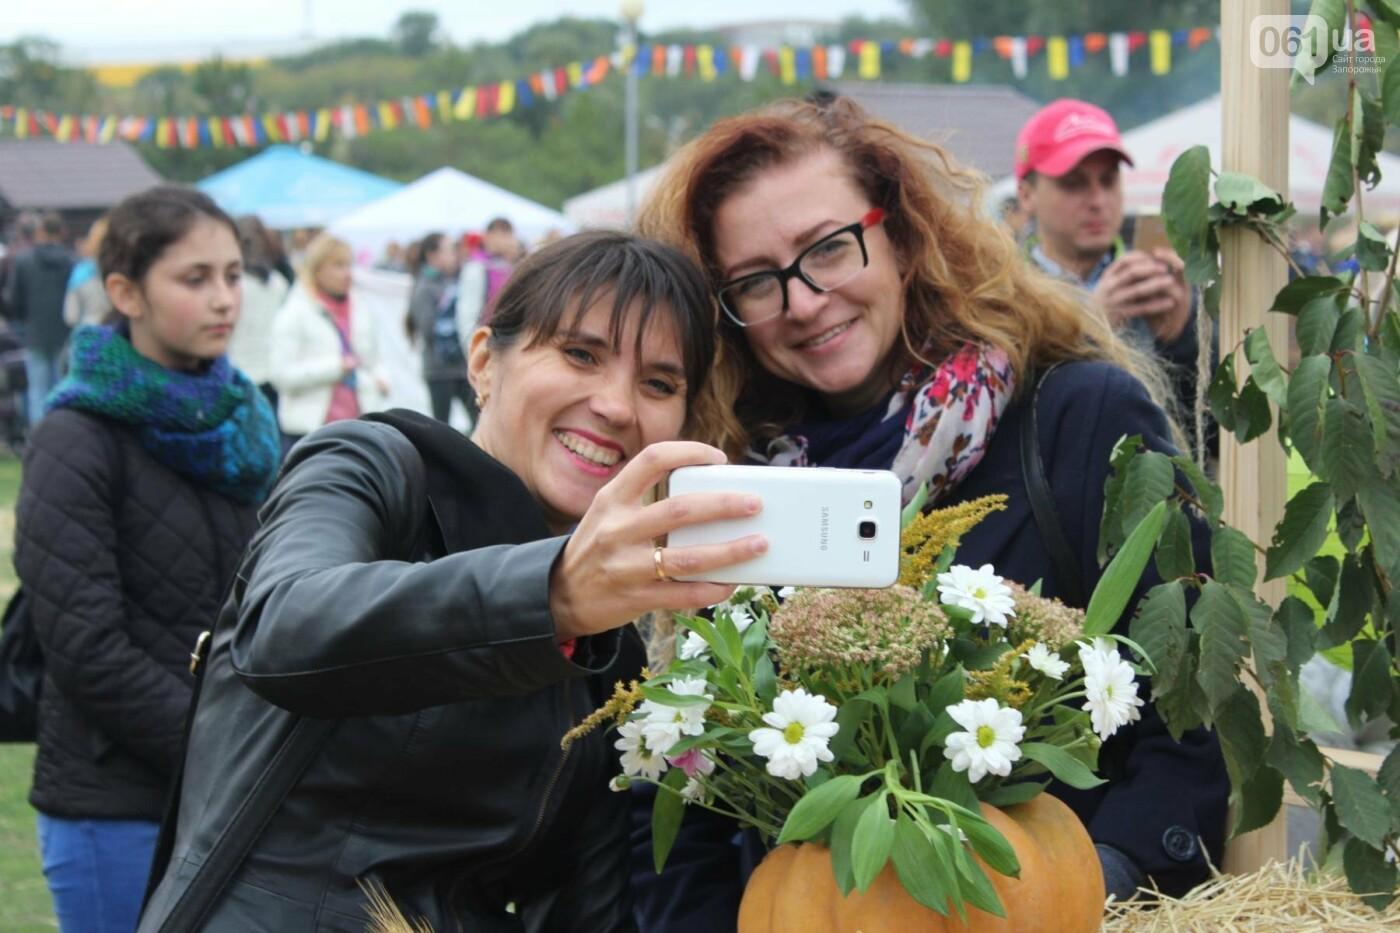 Найди себя: 55 портретов посетителей Покровской ярмарки в Запорожье, - ФОТО , фото-41